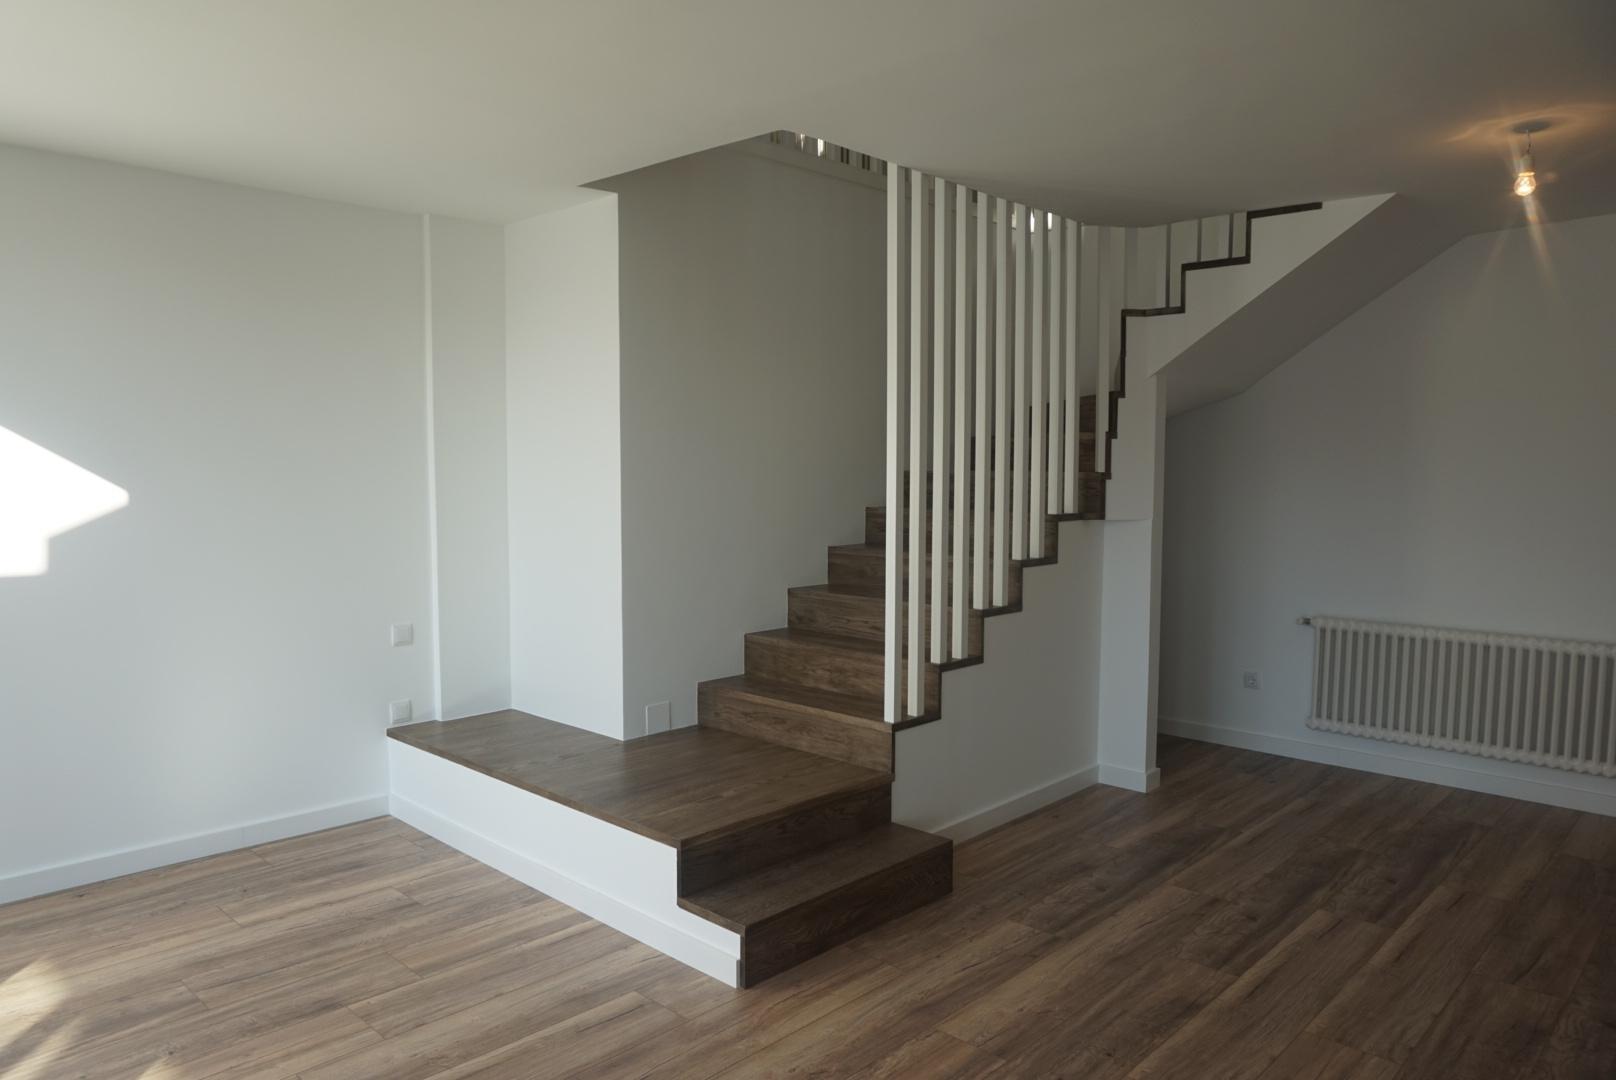 Escaleras En Madera De Roble Tintado En A Coru Aes